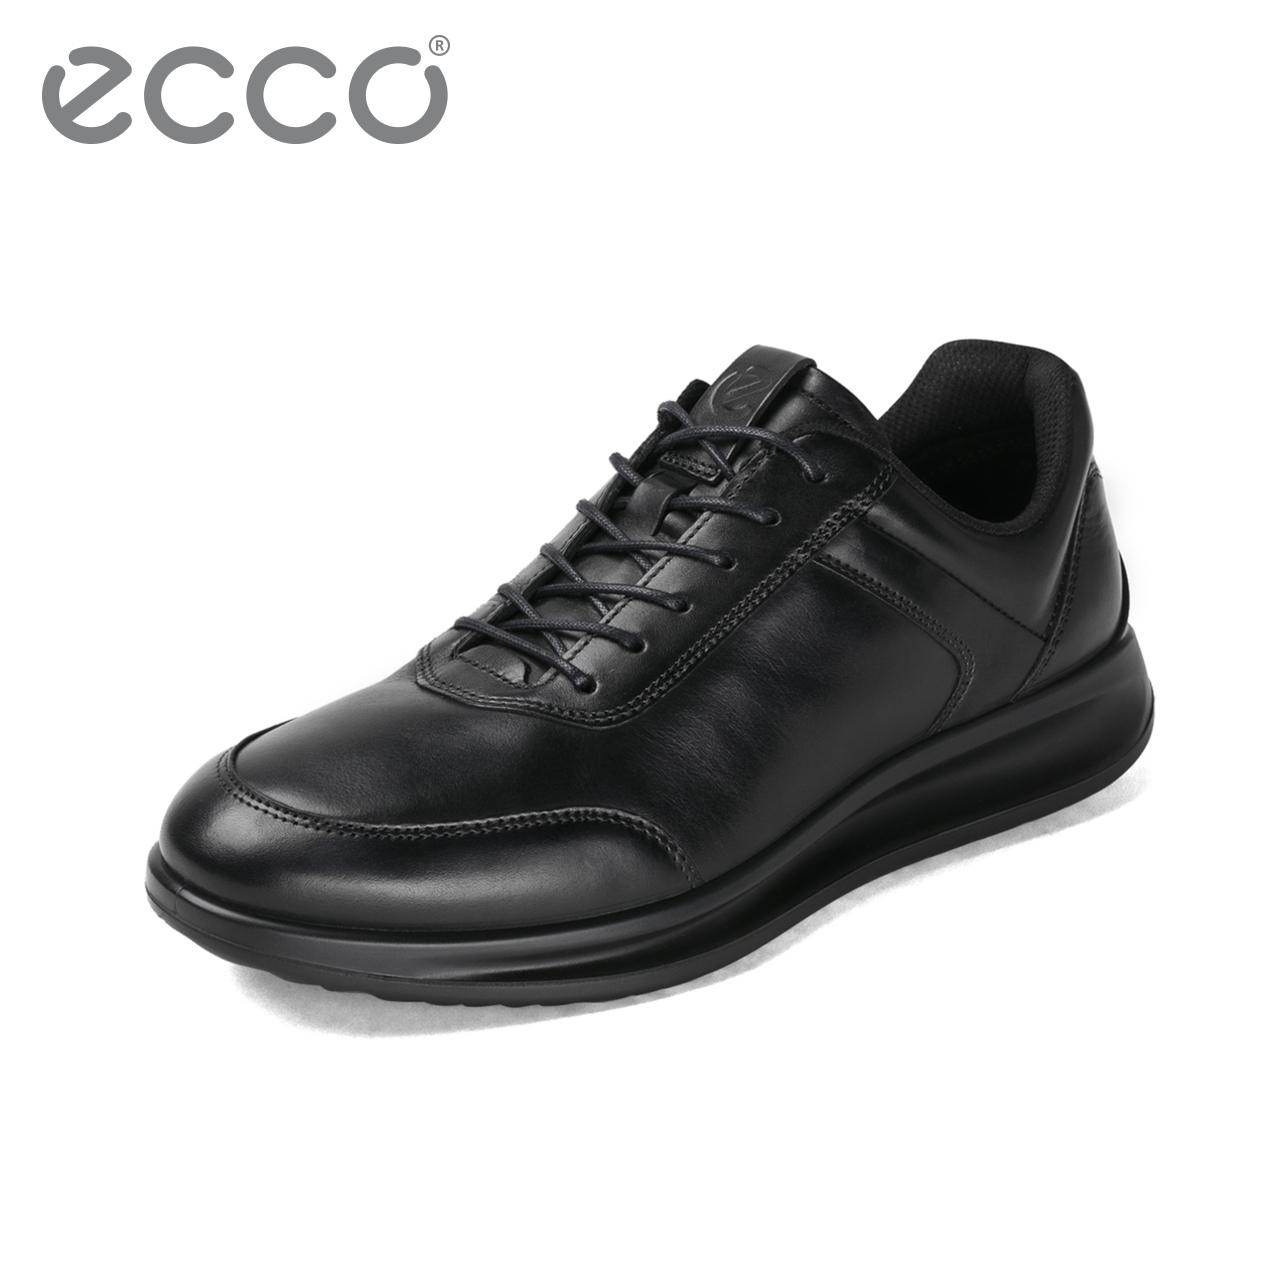 ECCO愛步2018秋季系帶男鞋 透氣休閑潮鞋黑色低幫鞋 雅仕207124